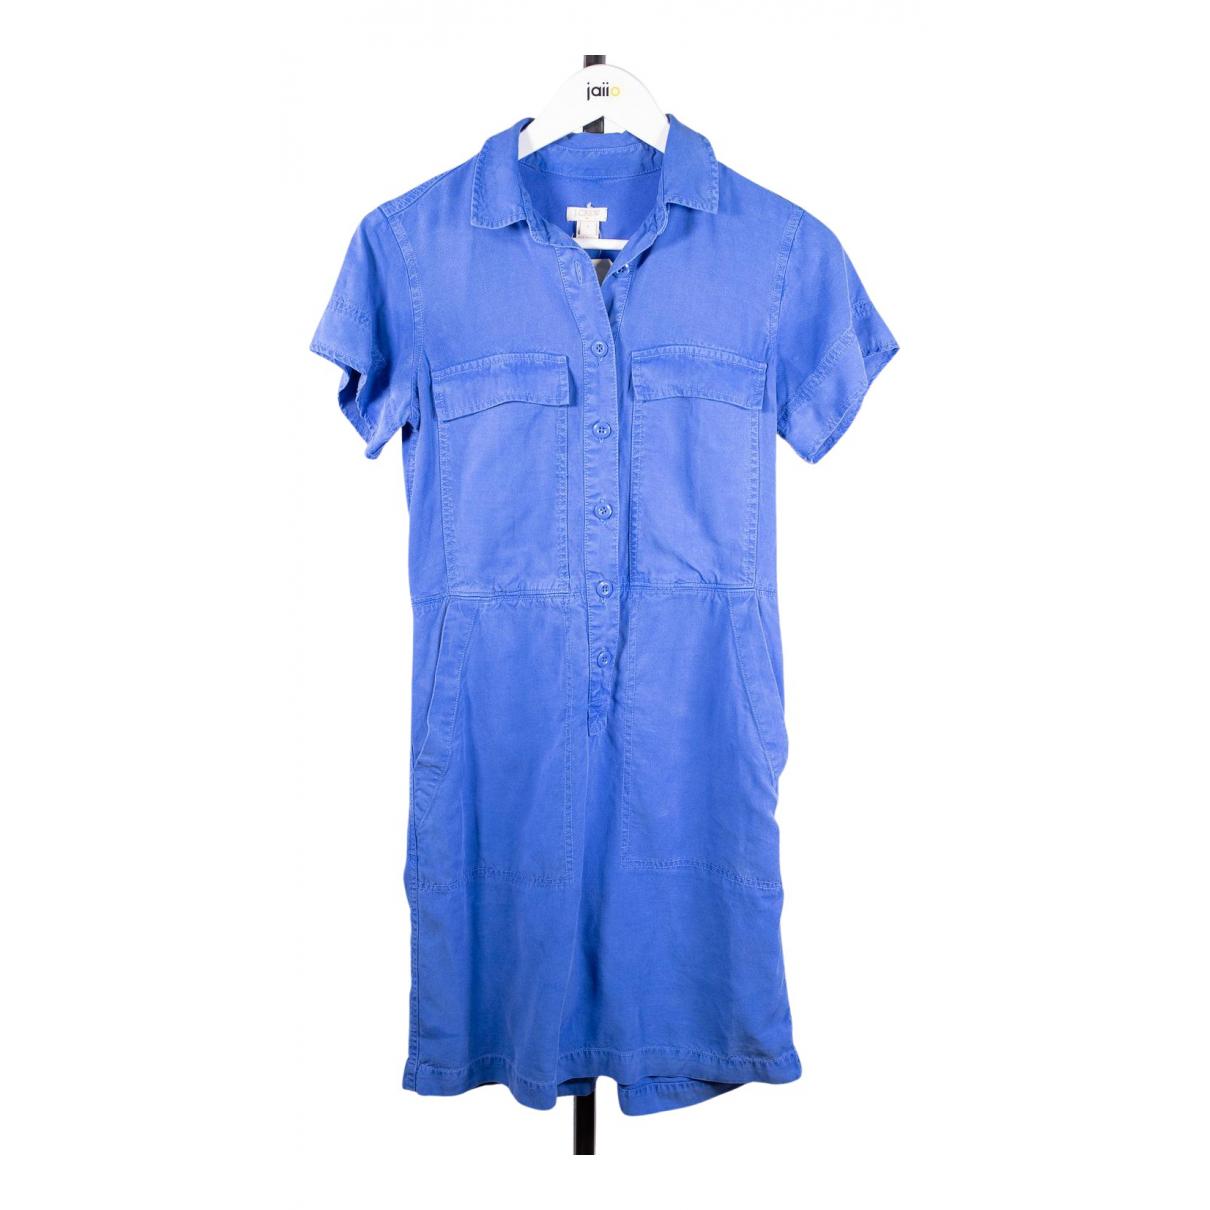 J.crew \N Kleid in  Blau Synthetik